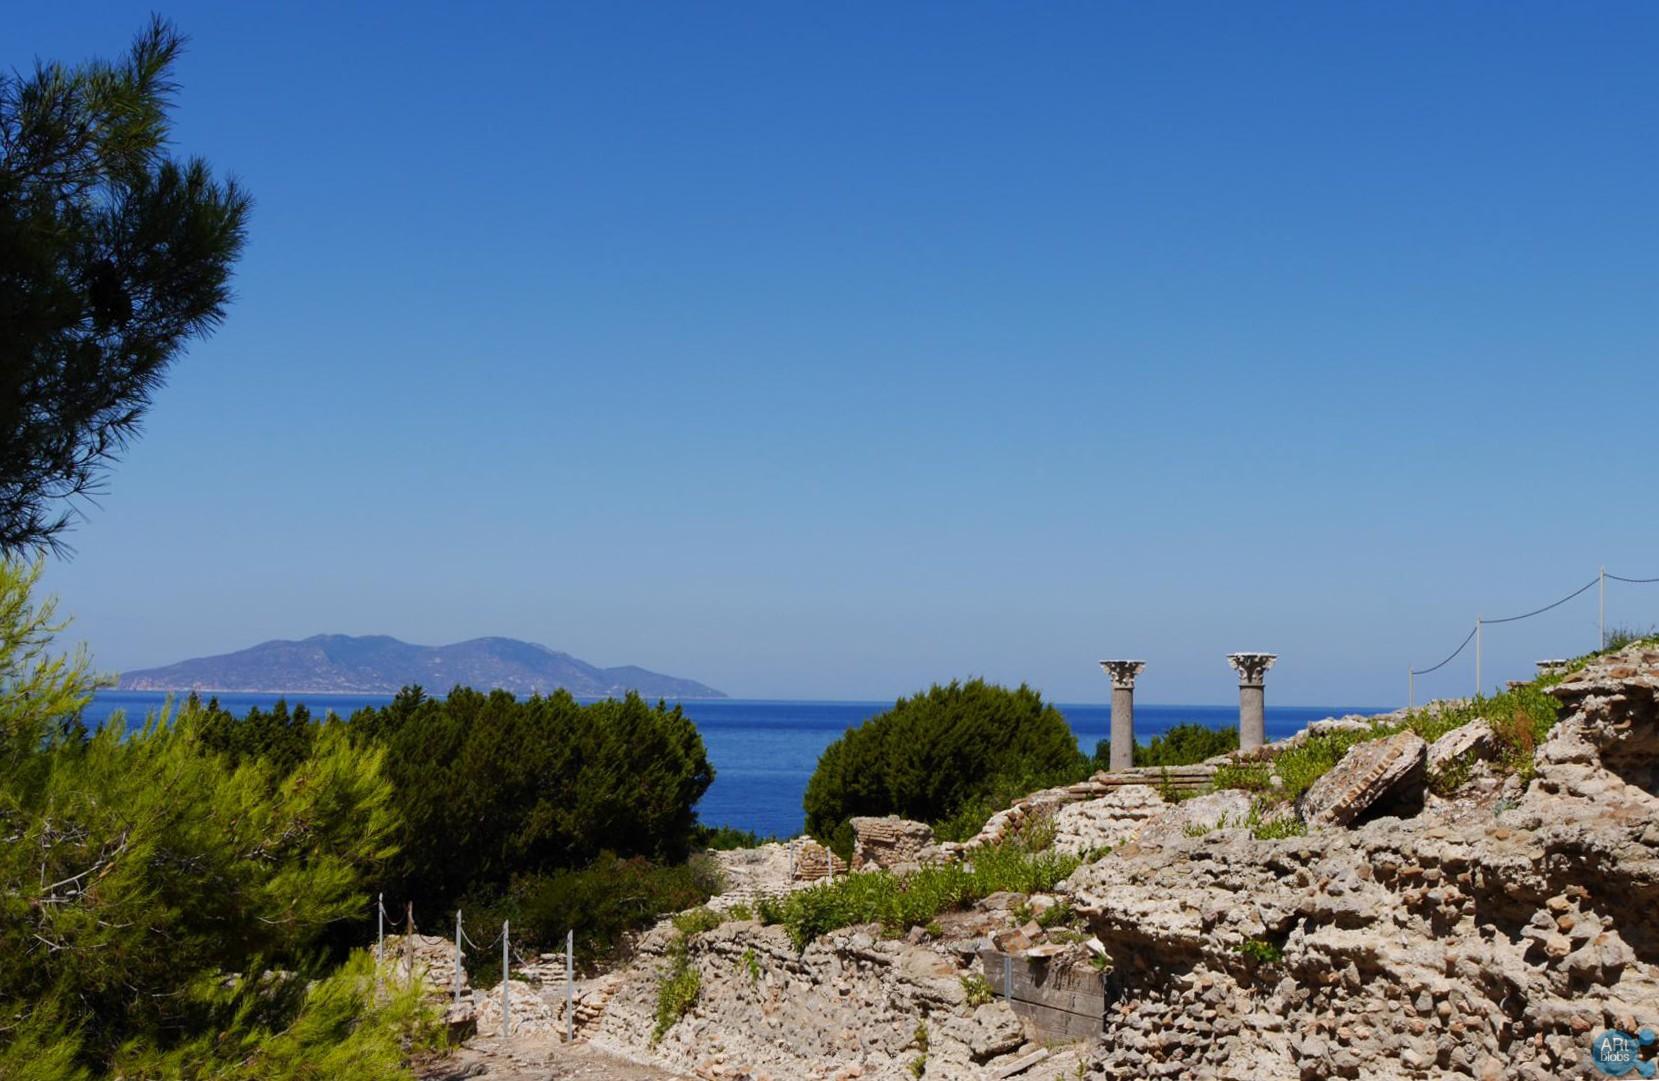 La terrazza sul Tirreno con vista su isola del Giglio, villa romana imperiale di Nerone, Isola di Giannutri